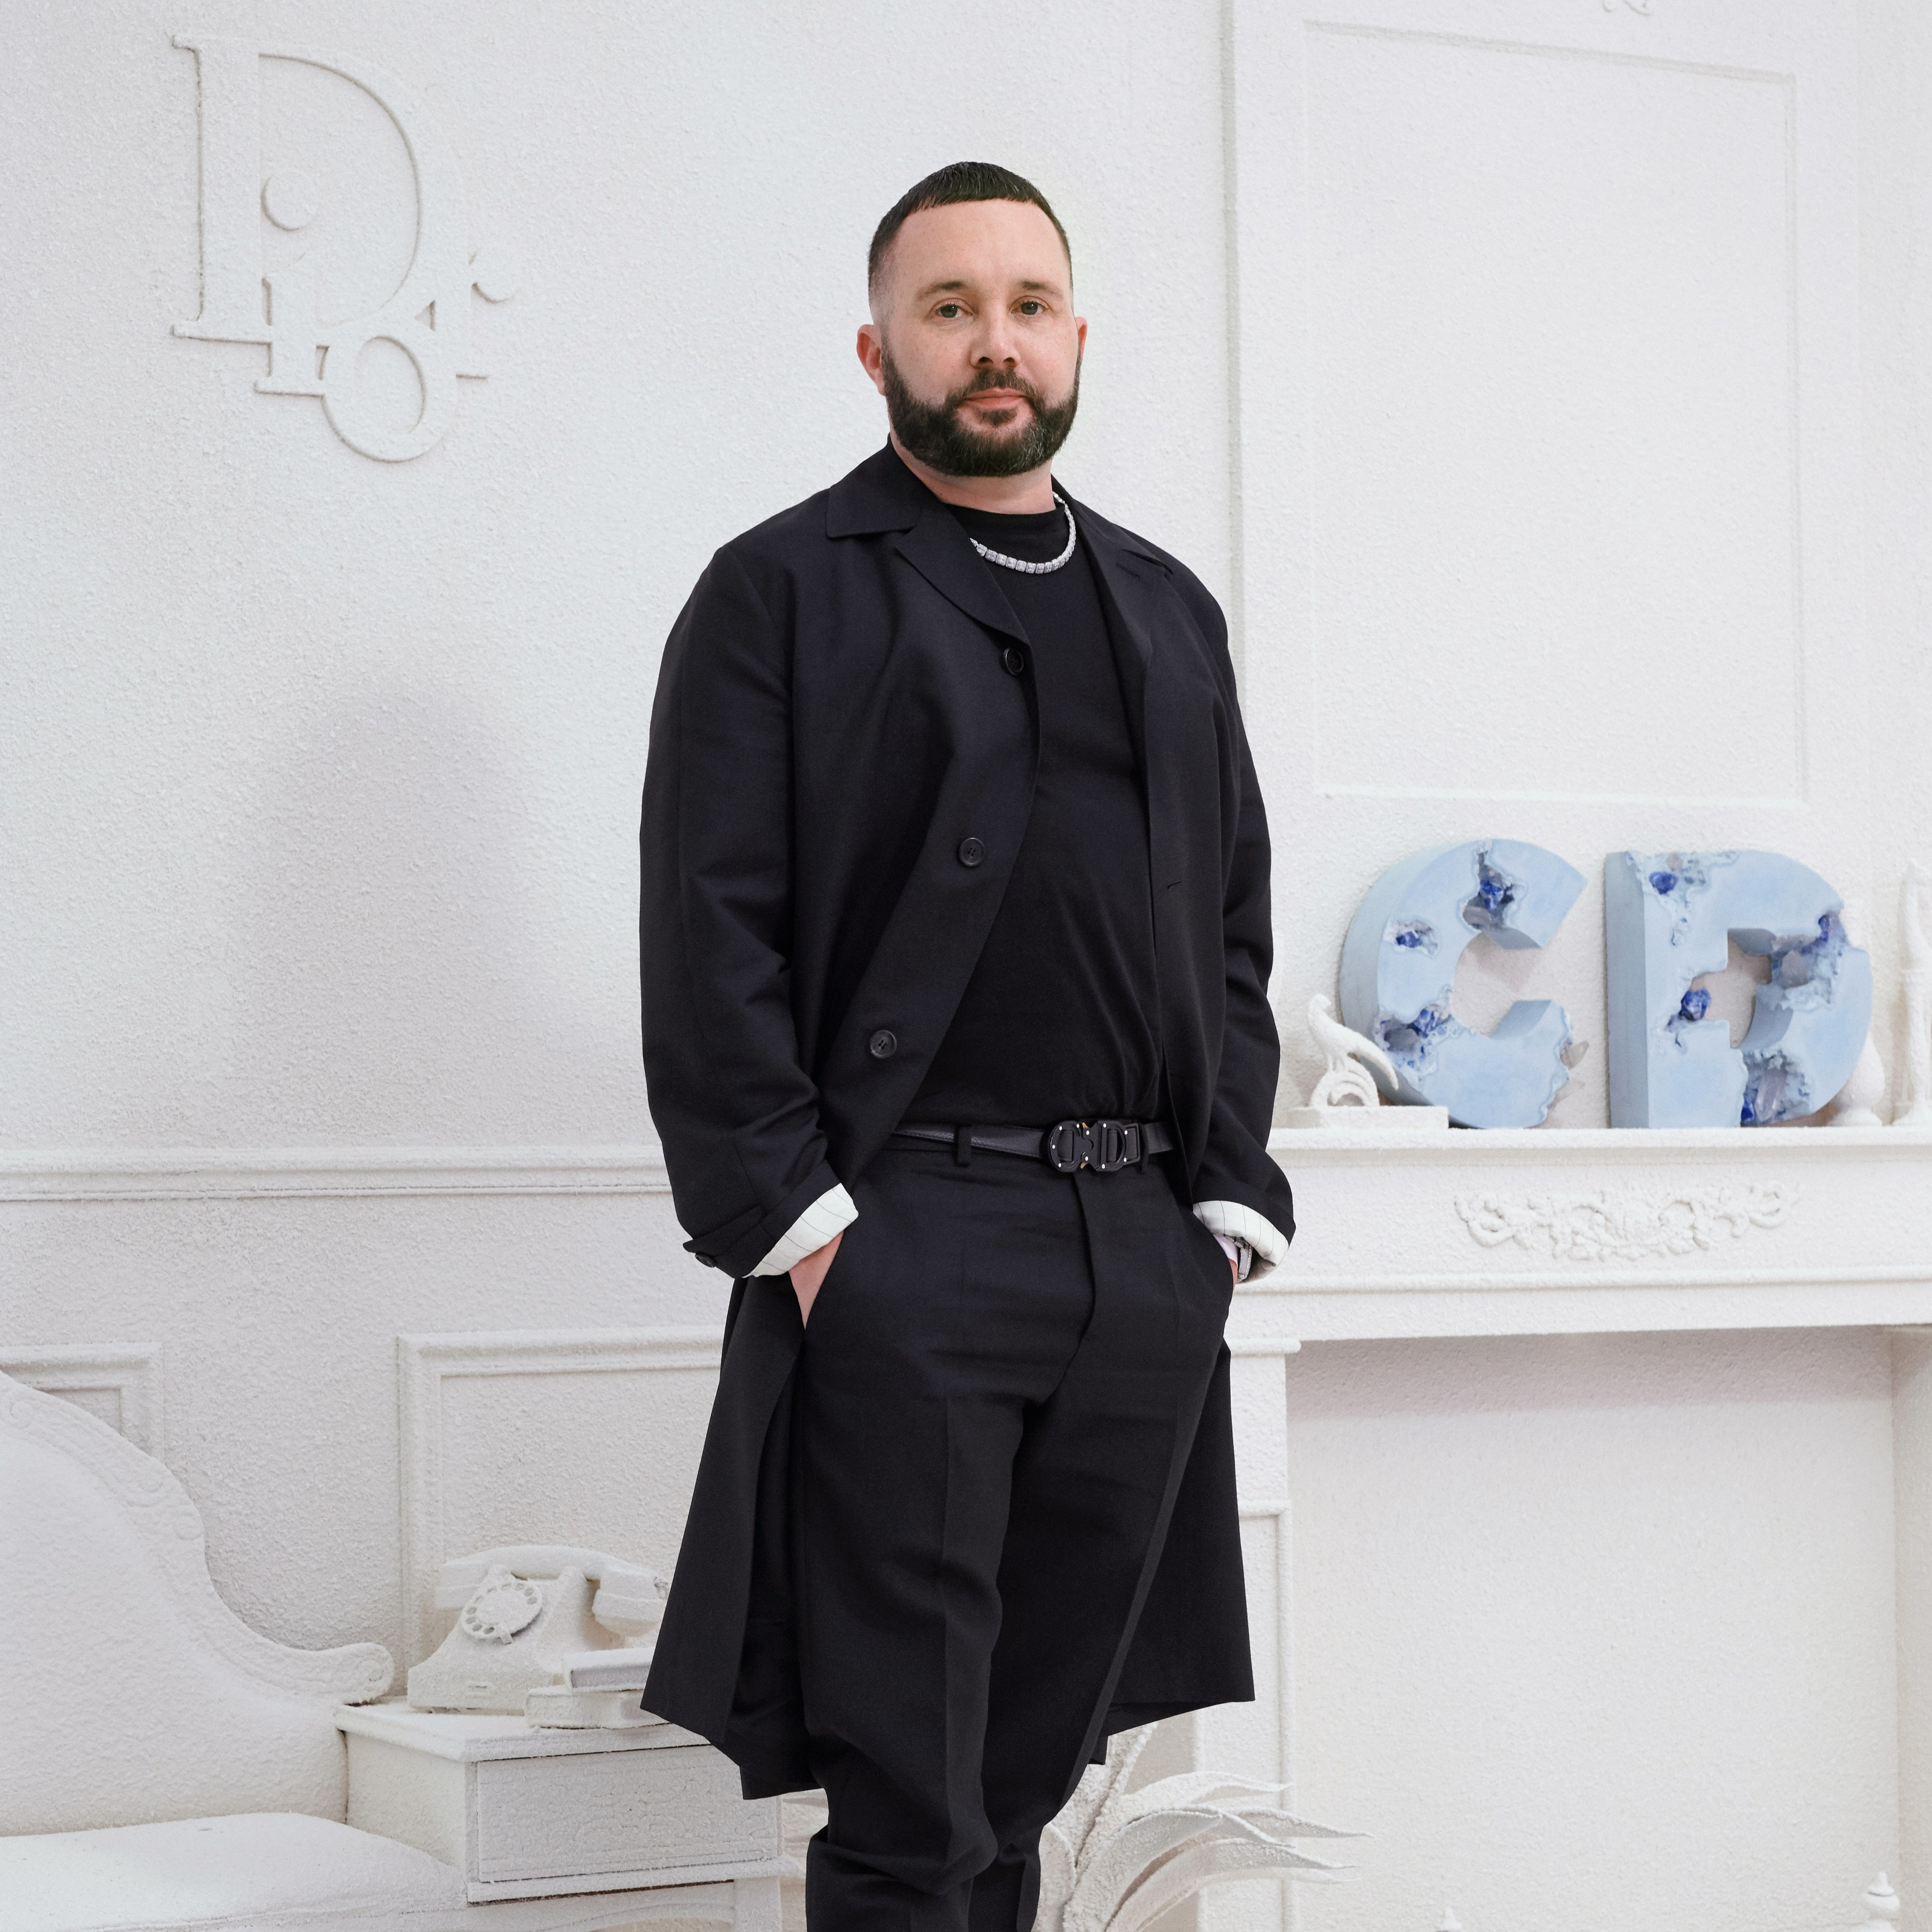 Nhà thiết kế người Anh Kim Jones gia nhập Fendi thời trang dành cho phái nữ